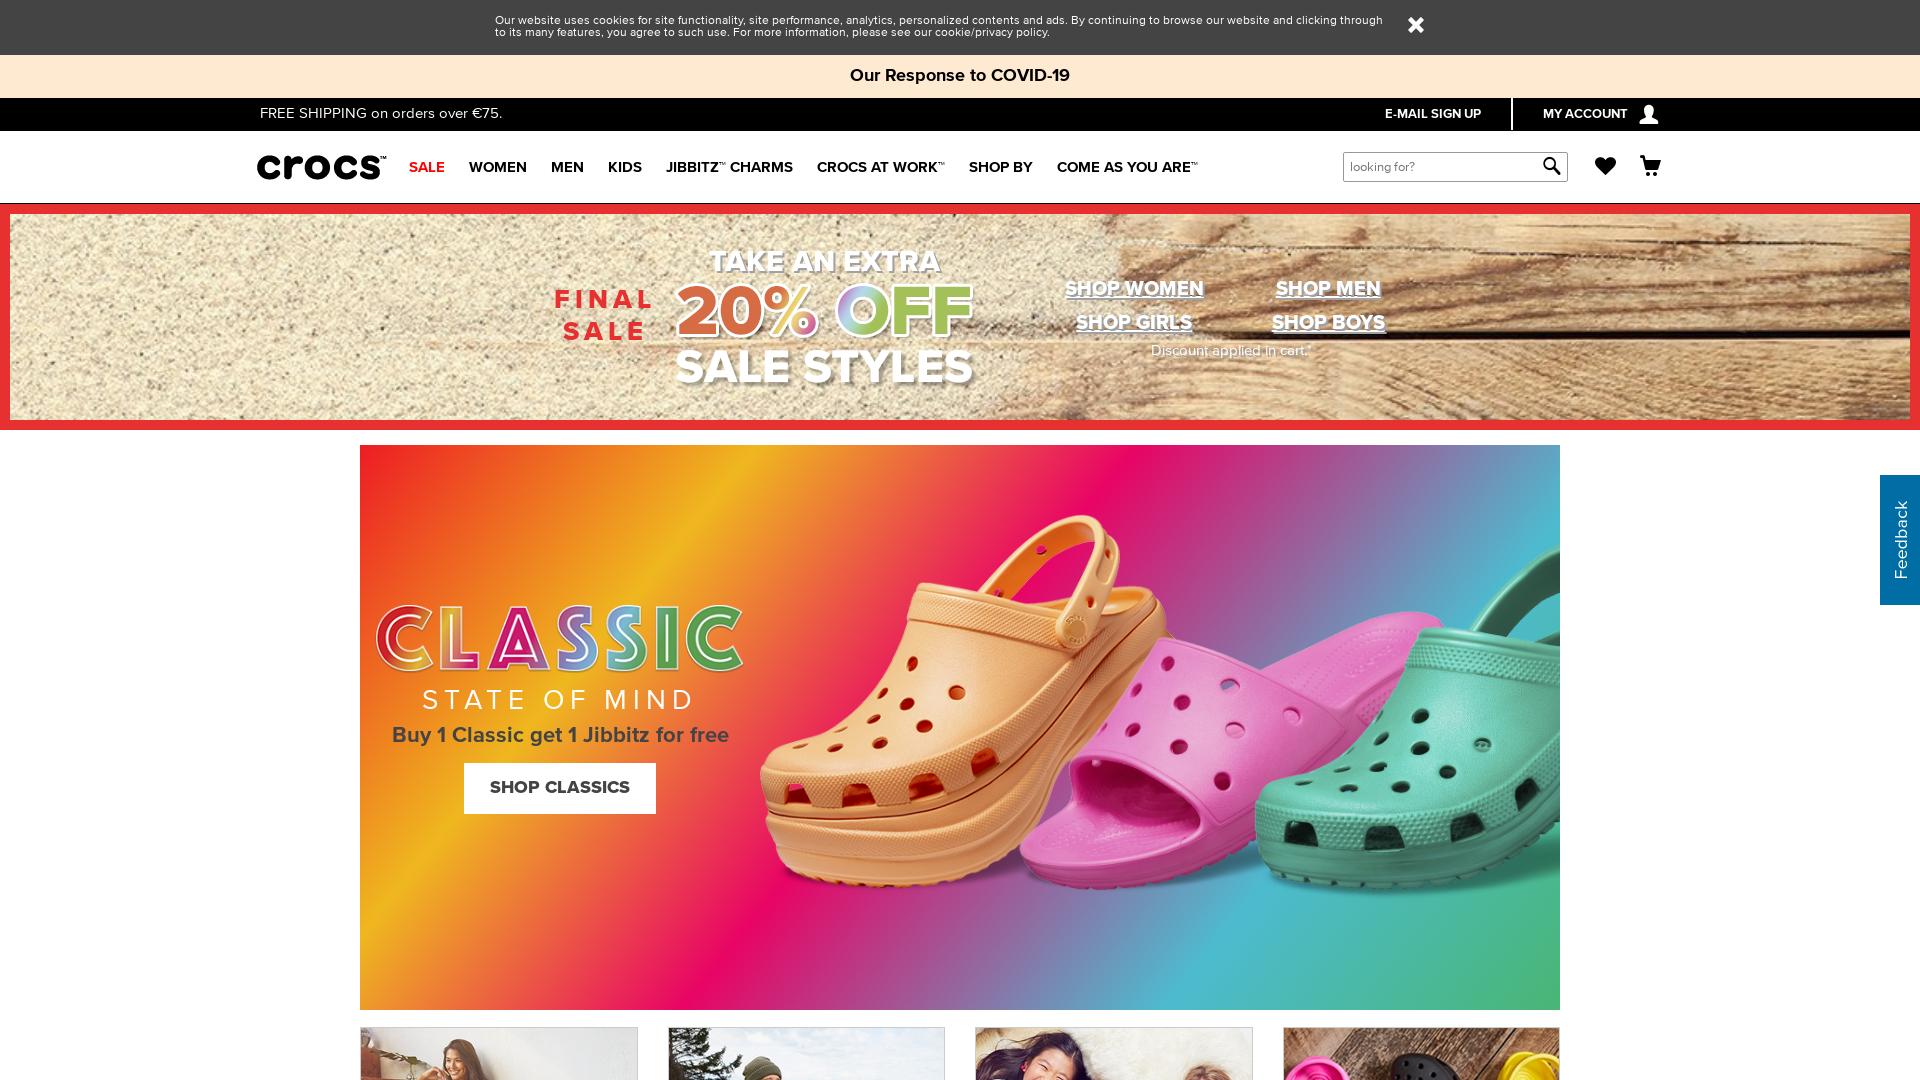 Crocs EU CPS website